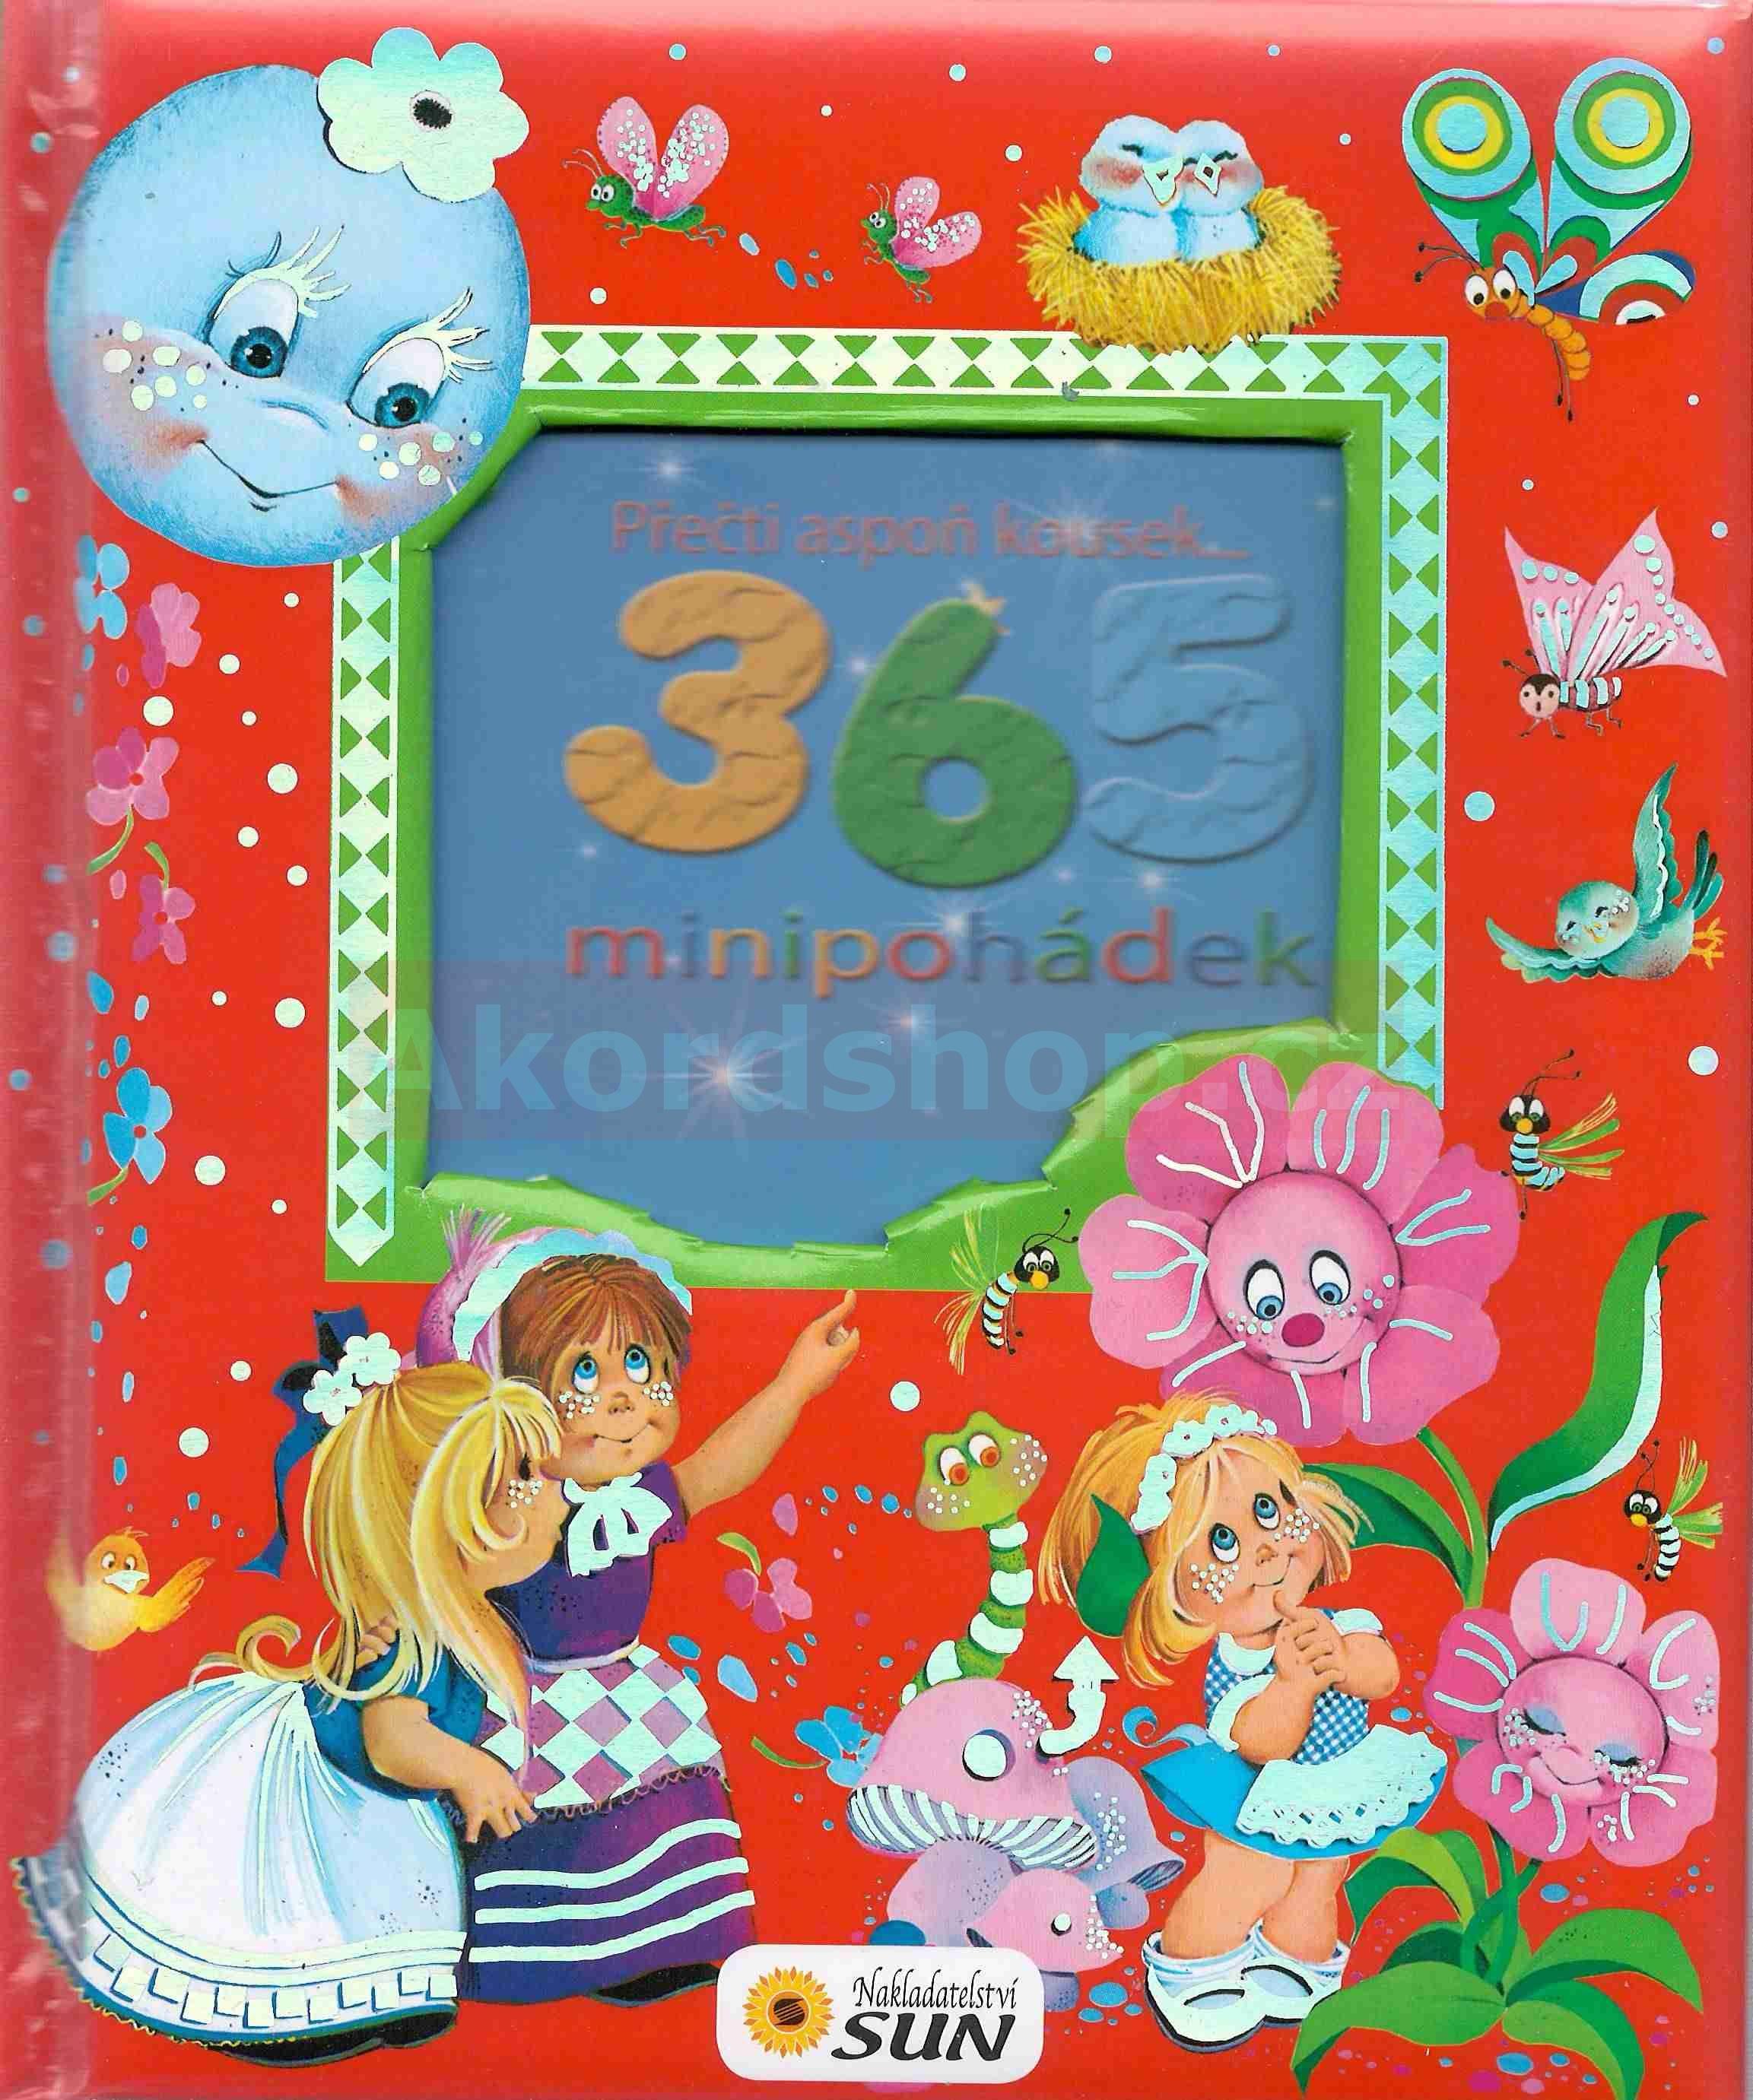 365 minipohádek - přečti aspoň kousek ..